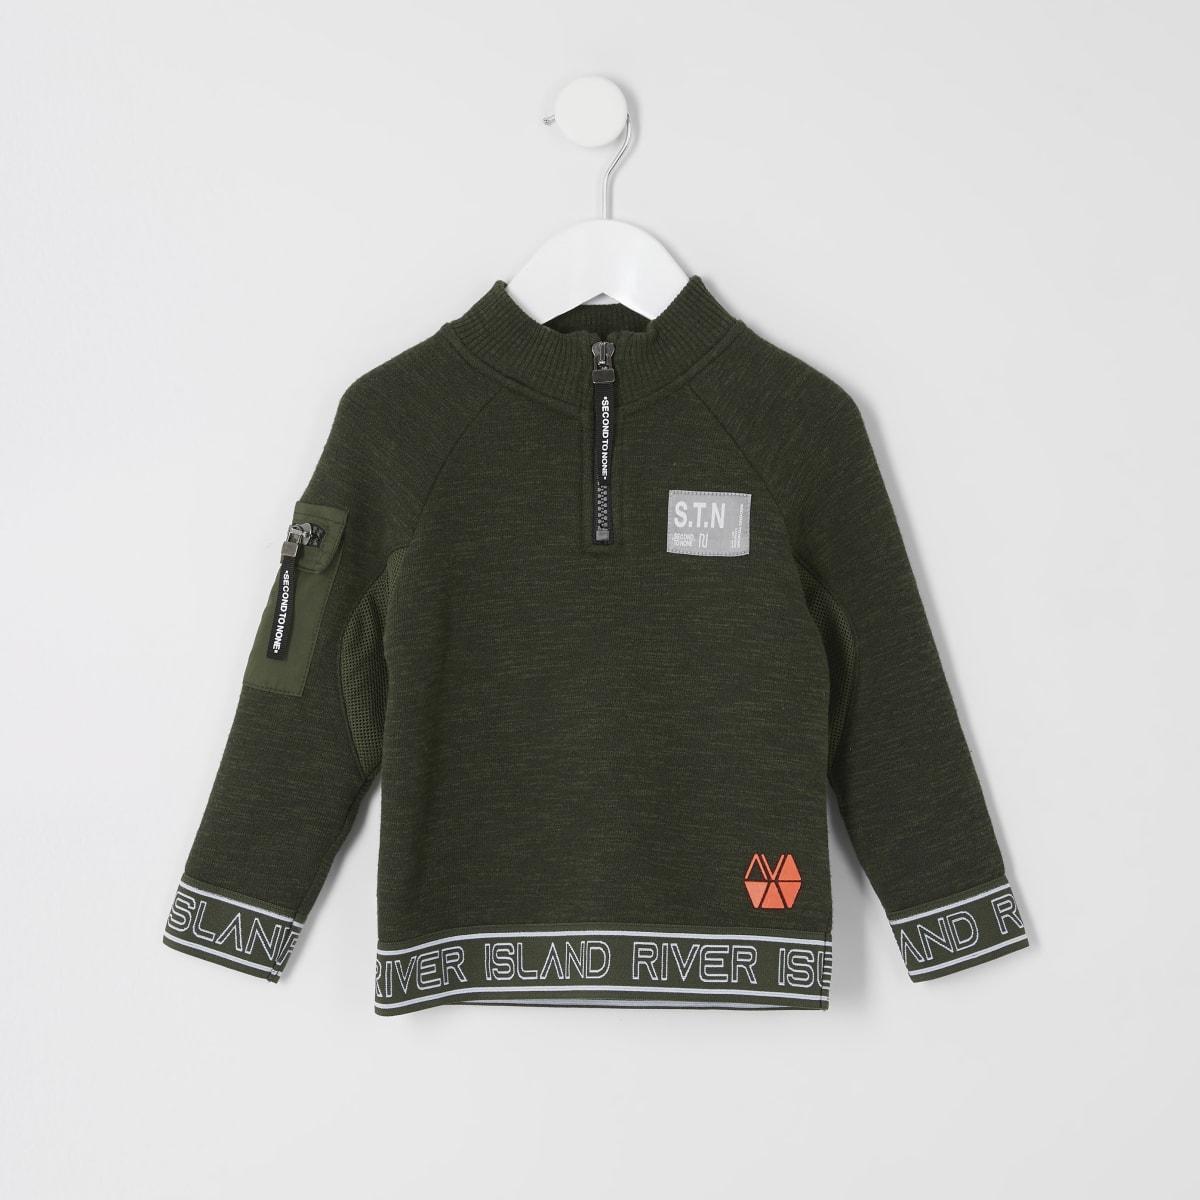 Mini - RI Active - Kaki sweatshirt met rits bij hals voor jongens